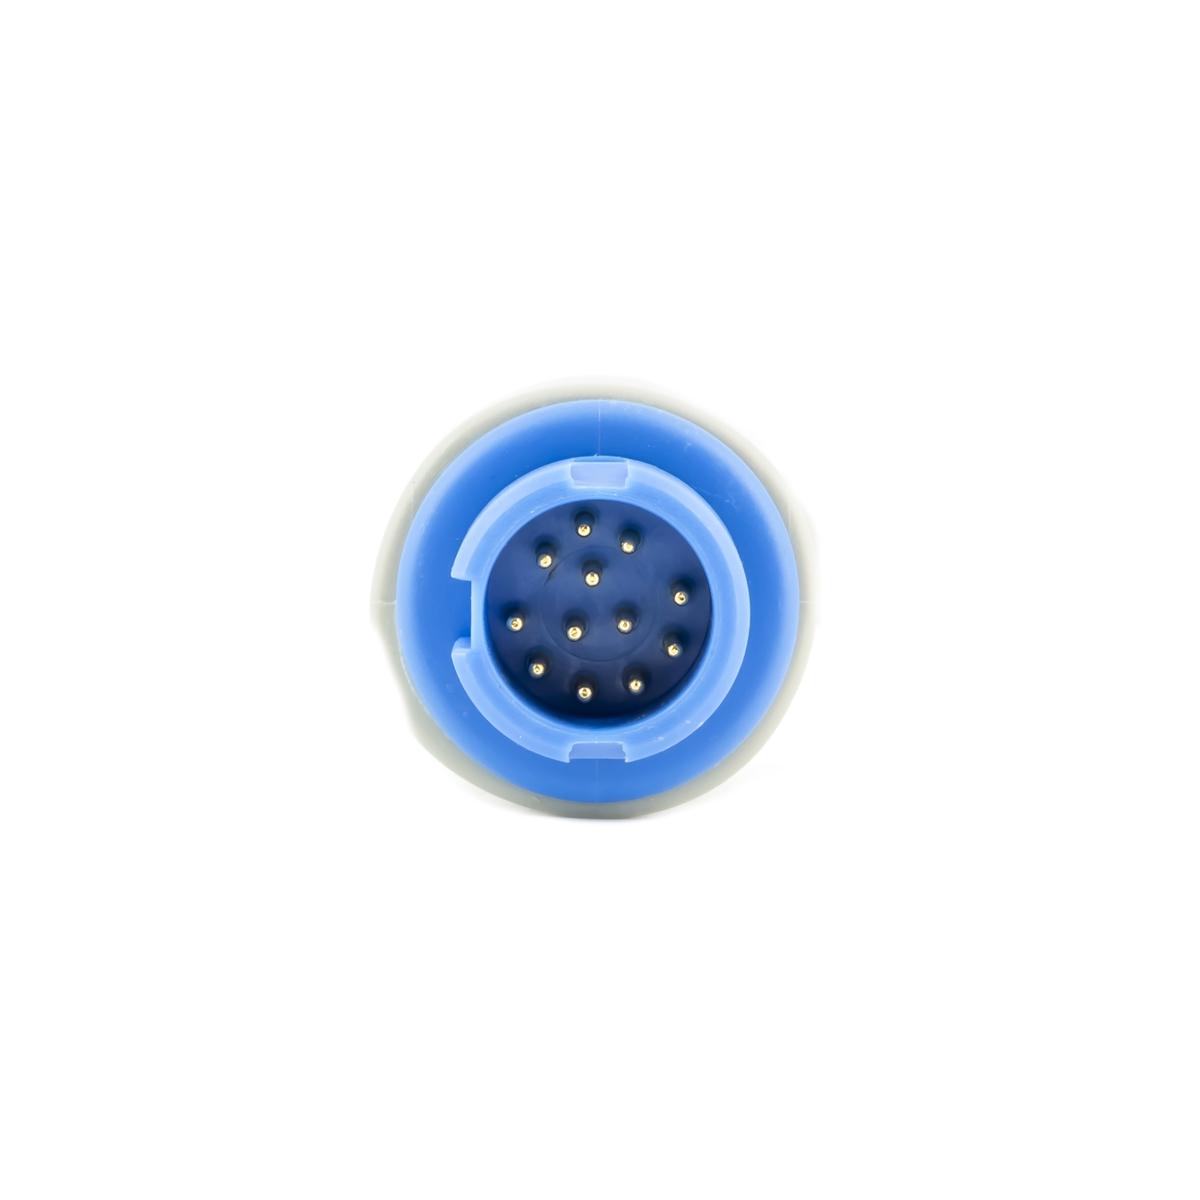 Philips 12 Pin Infant Soft SpO2 Sensor (10 ft)